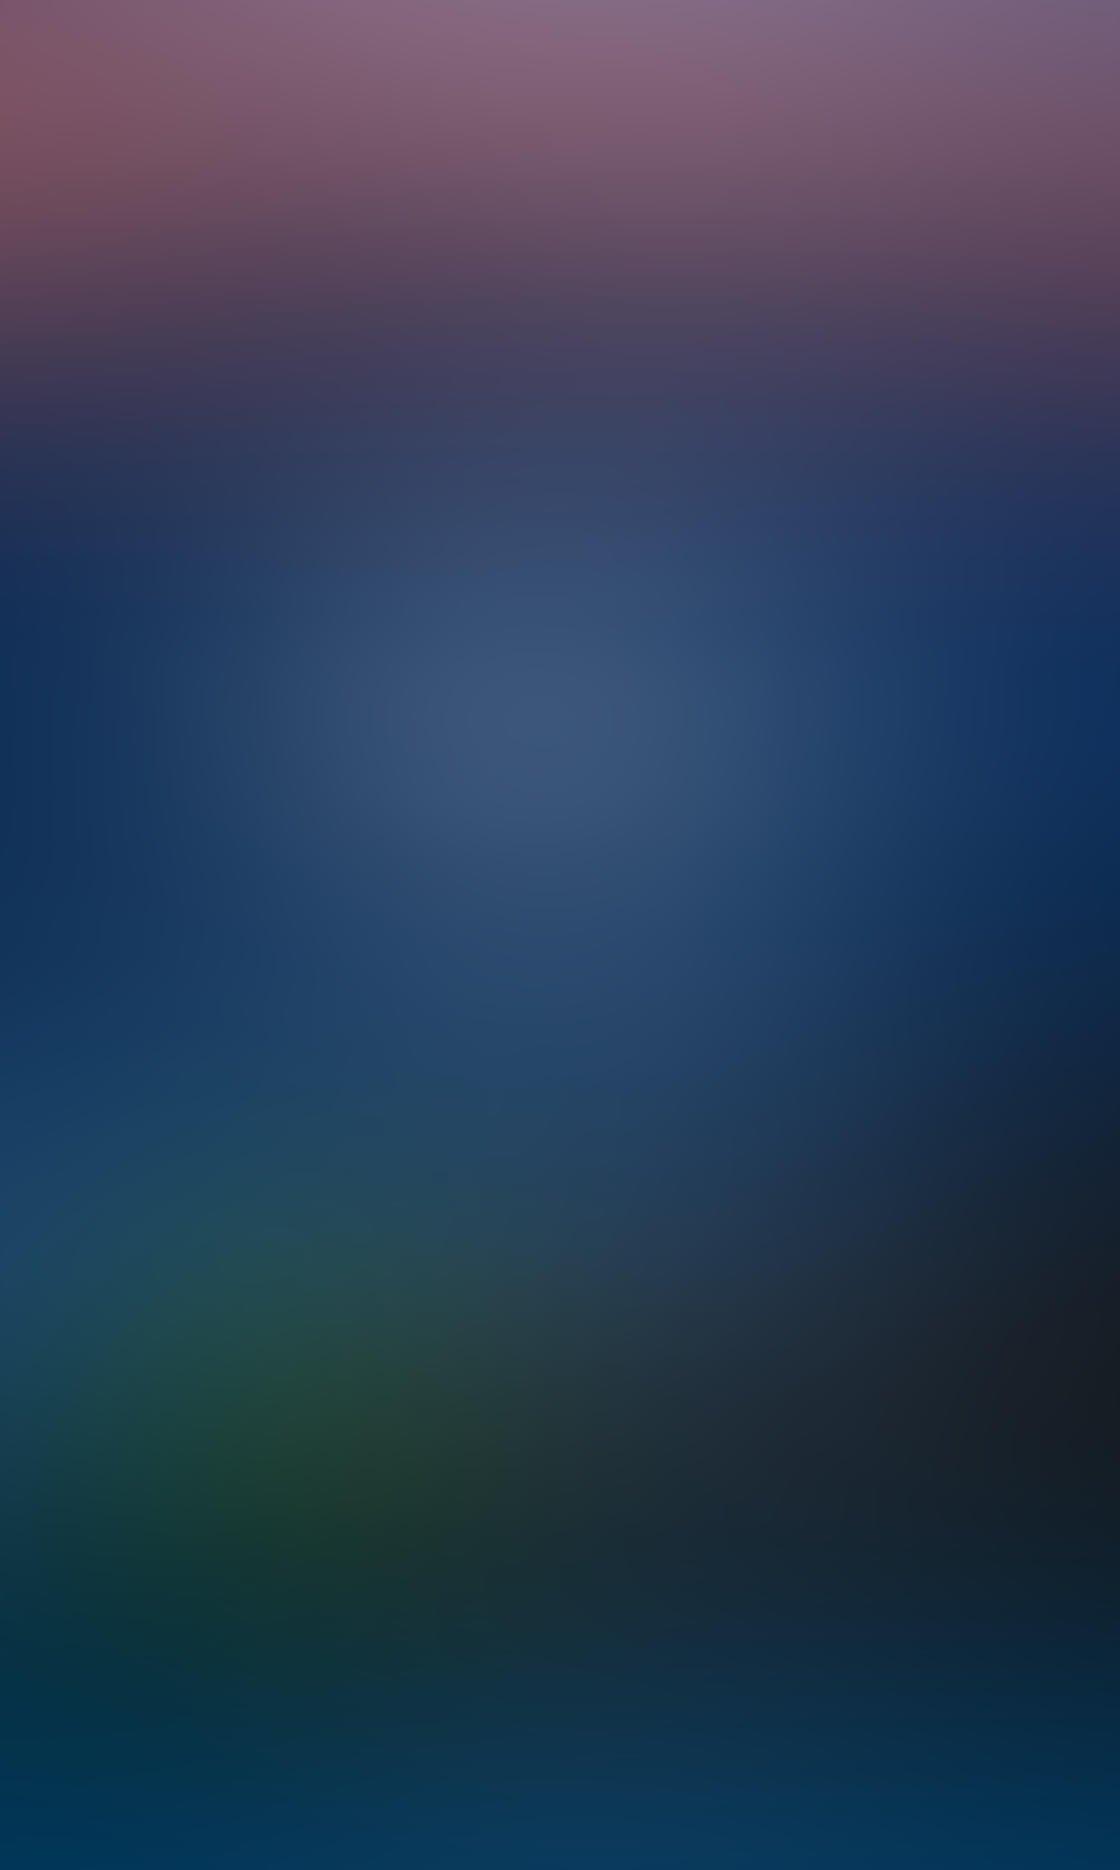 iPhone Photo Backup 8